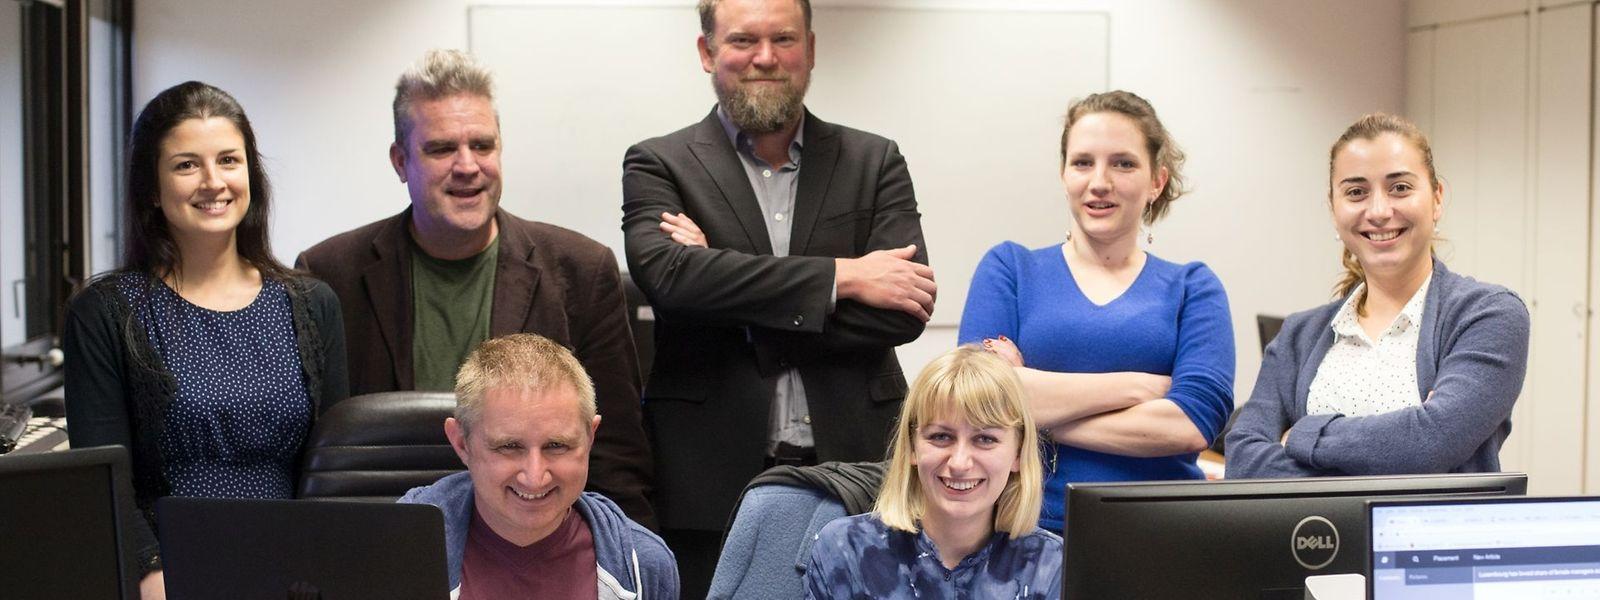 Chefredakteur Jim Robinson (Mitte) und sein Team, v.l.n.r. : Heledd Pritchard, Alistair Holloway, Barbara Tasch, Roxana Mironescu (stehend), Adam Walder und Hannah Brenton (sitzend).